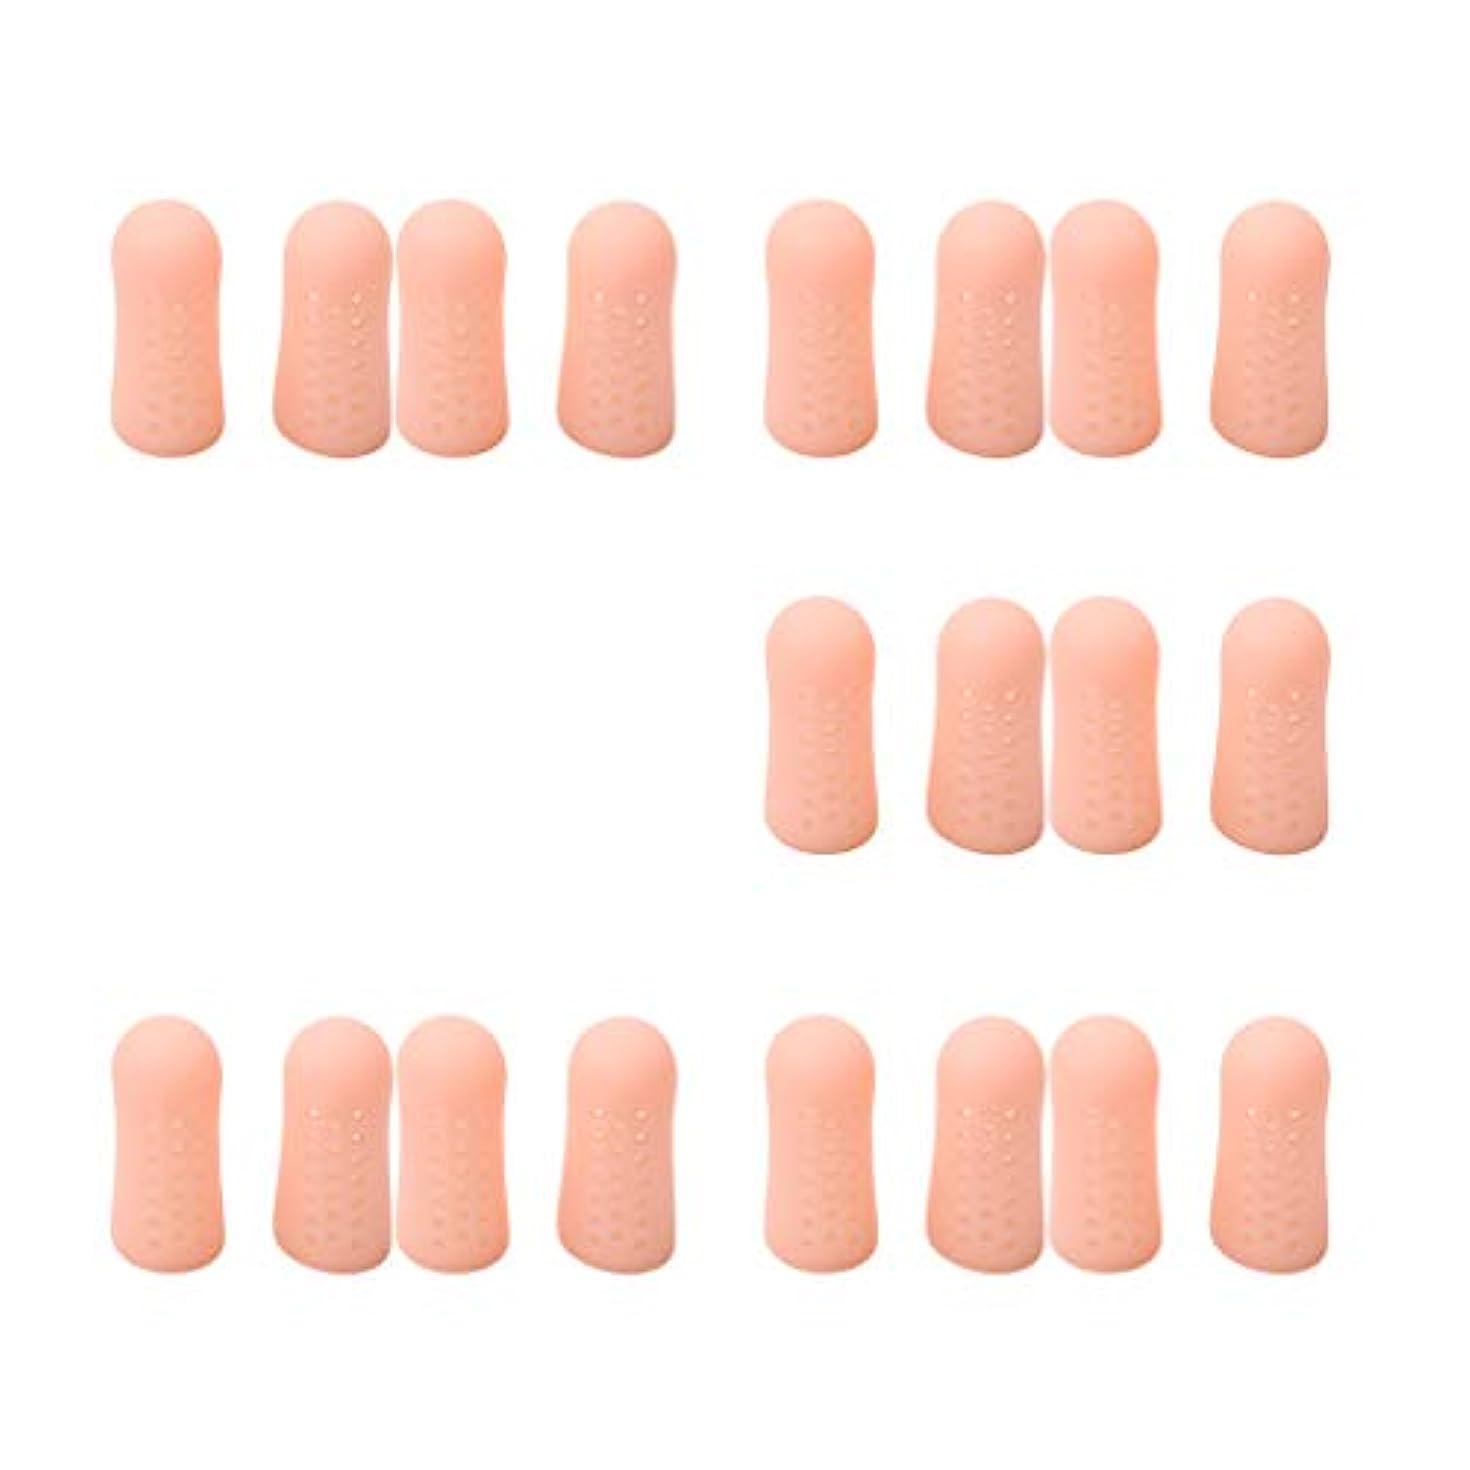 マージ浸漬アーティストdailymall 20個の指のつま先チューブスリーブプロテクターキャップセパレーターの痛みを軽減